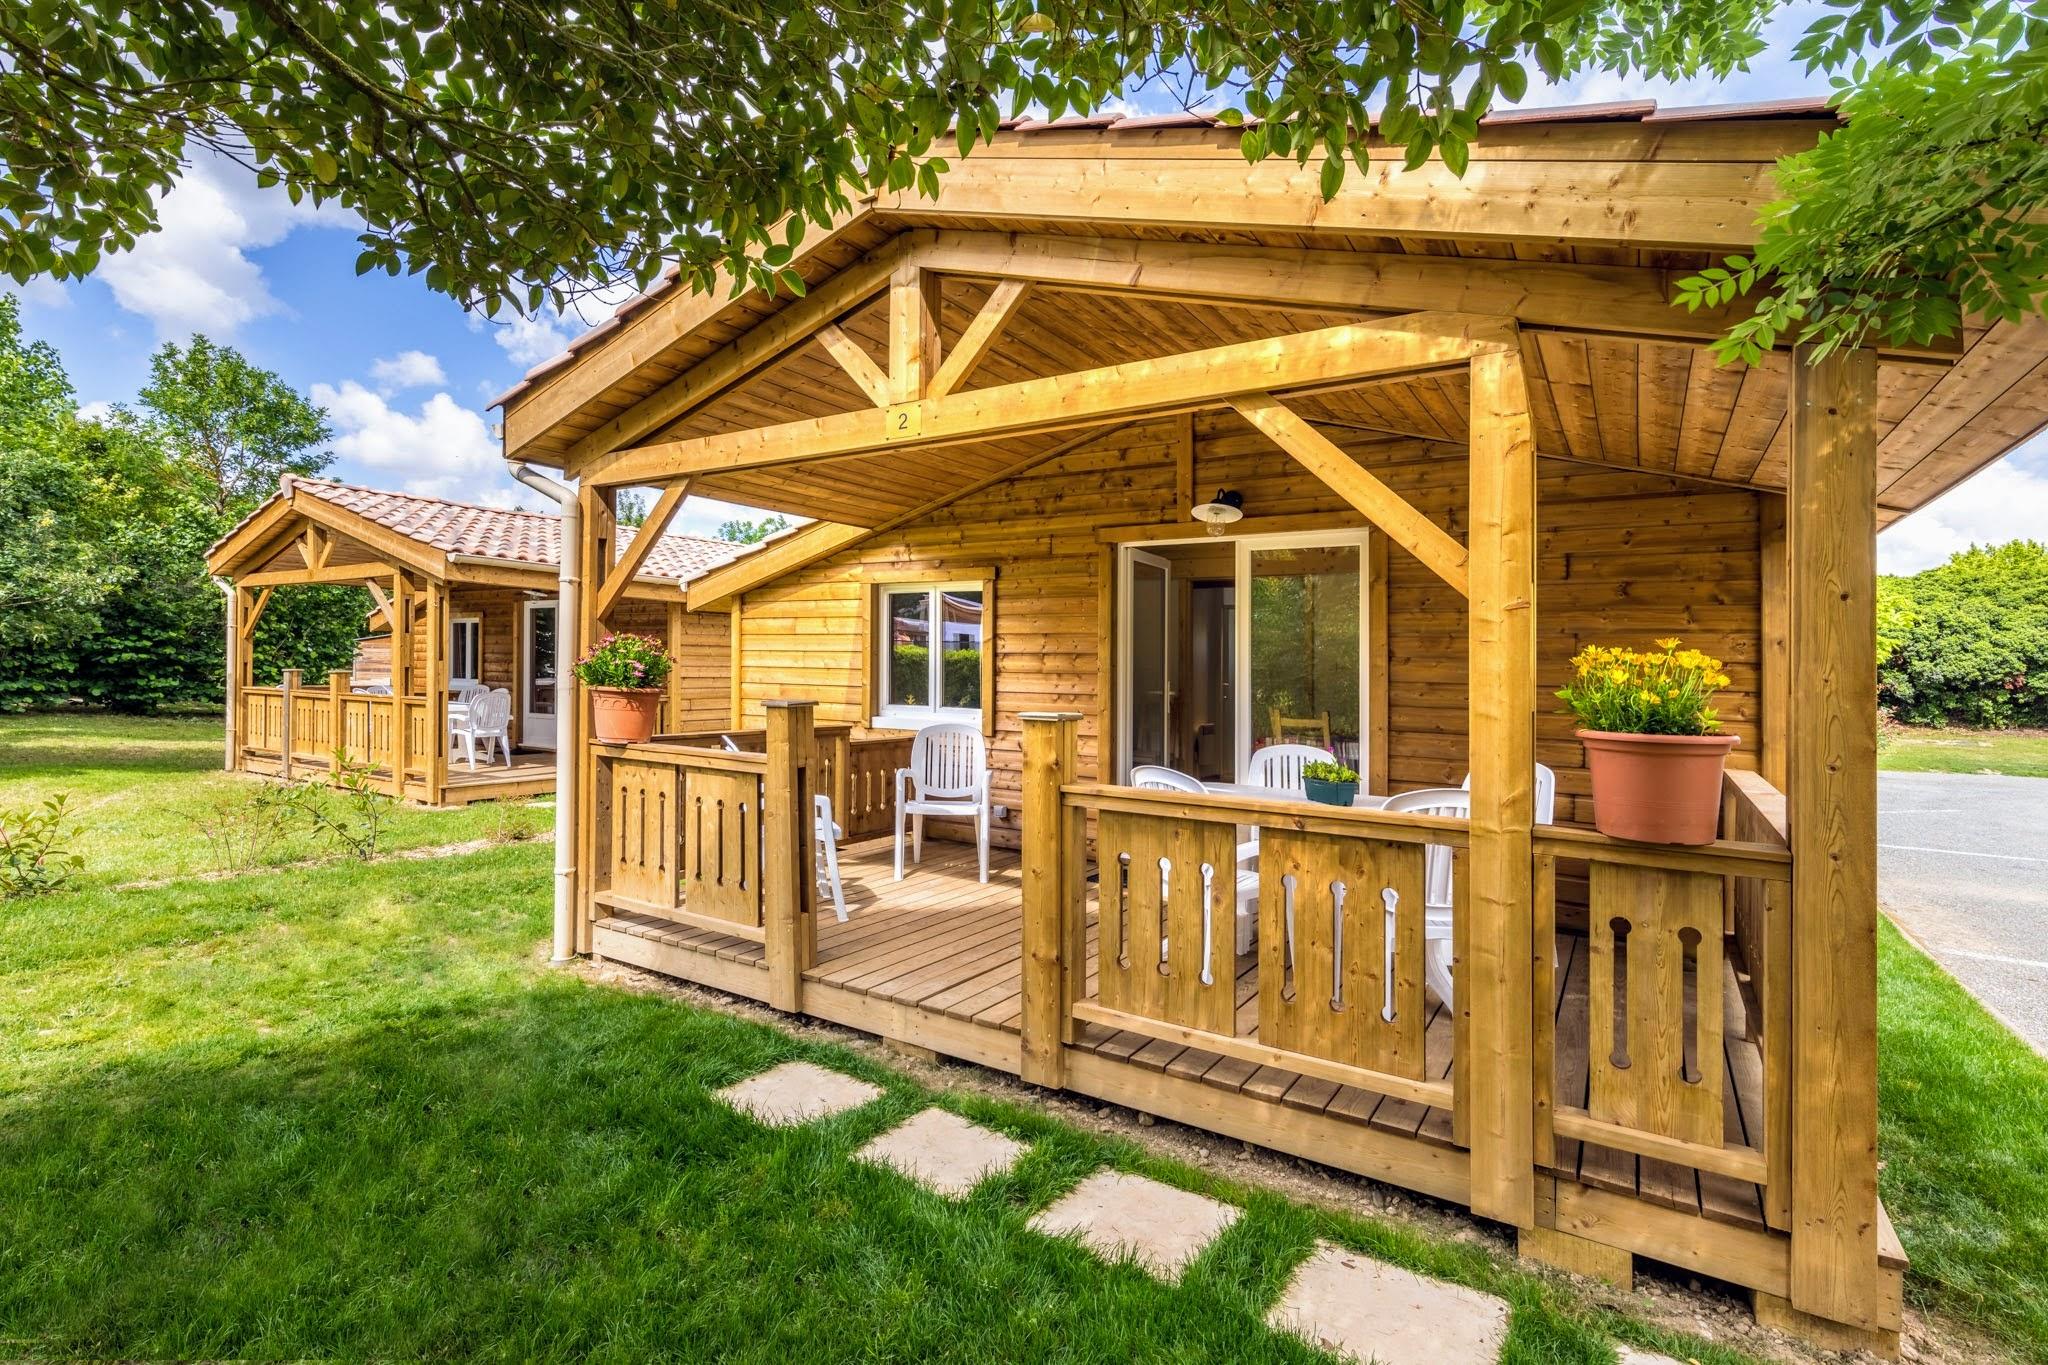 Location de chalet castres le camping tout confort for Chalet bois tarif